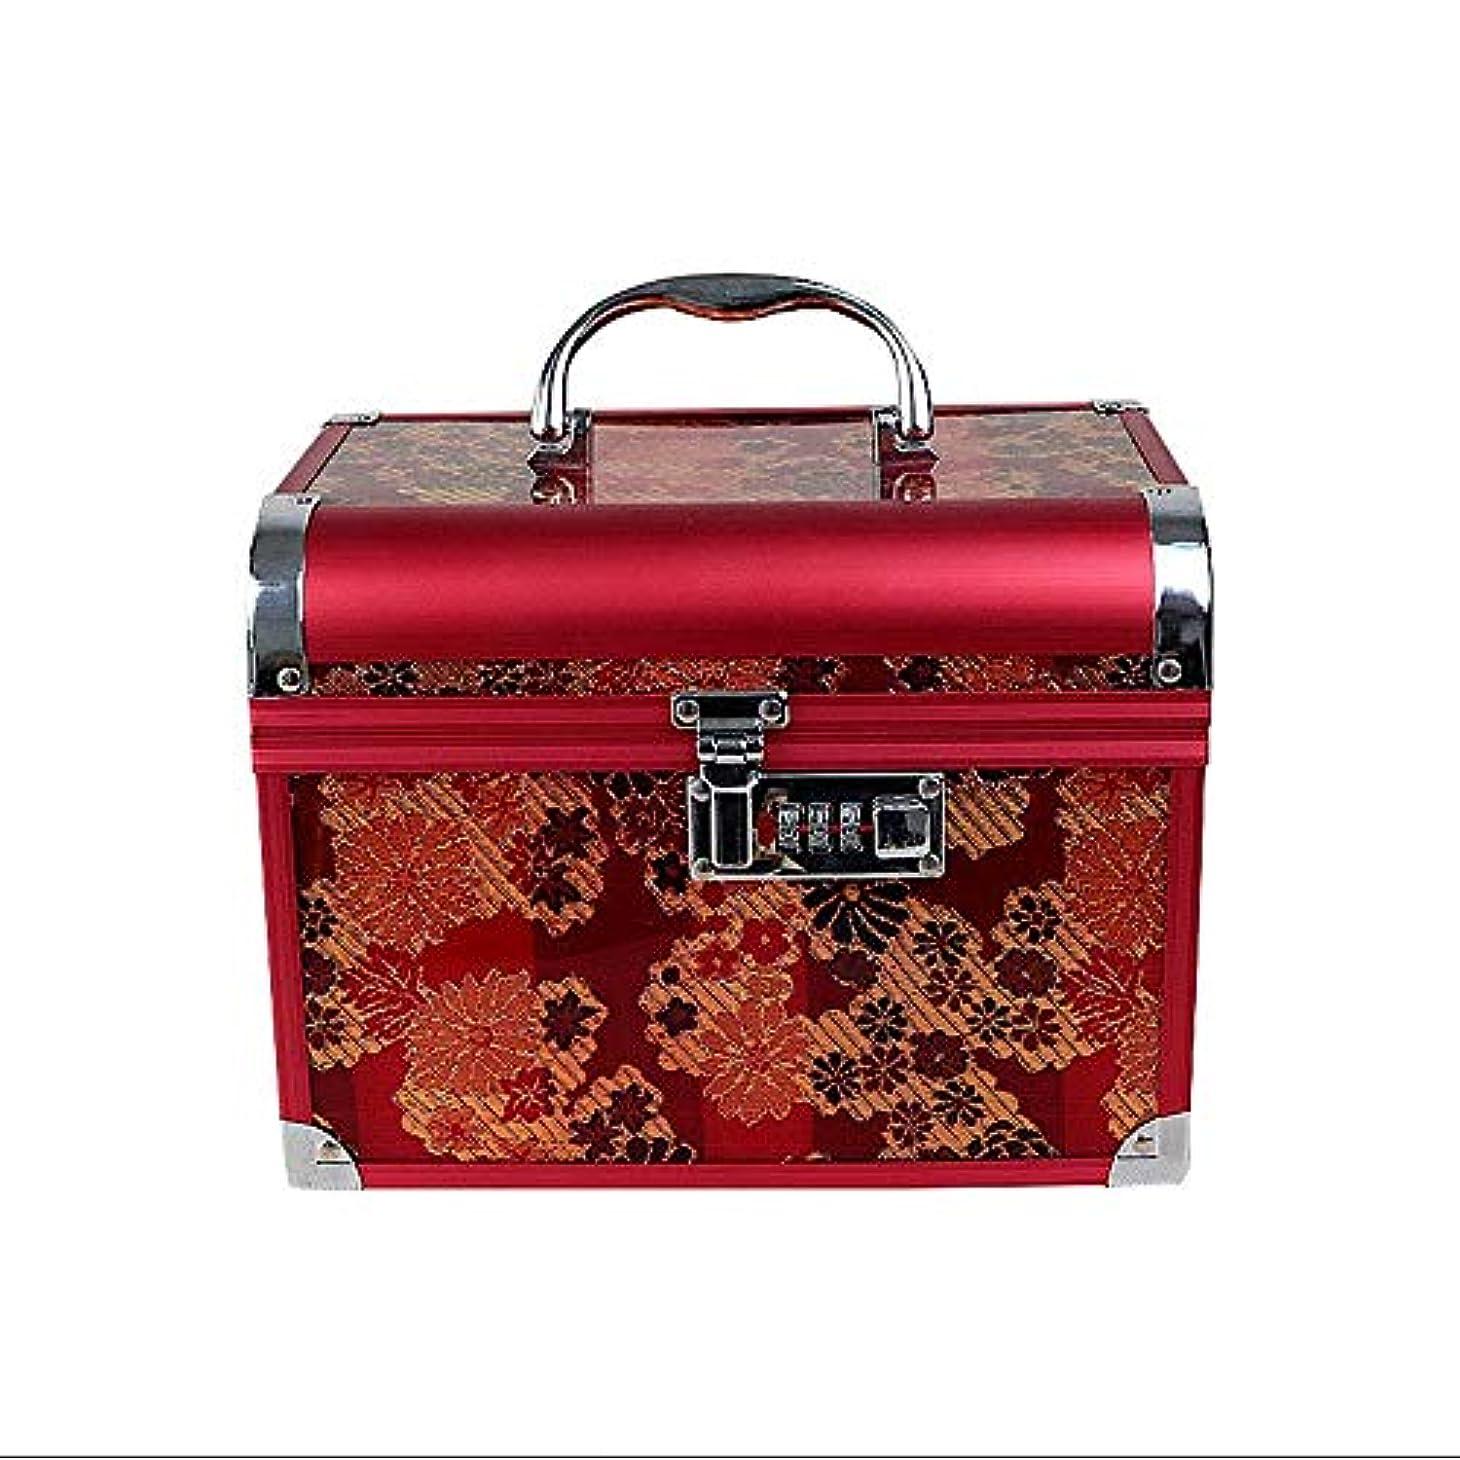 オリエンテーション止まるカプラー化粧オーガナイザーバッグ 美容メイクアップのための大容量ポータブル化粧ケース、女性用女性用旅行用品、コード付きロック付き折り畳みトレイ 化粧品ケース